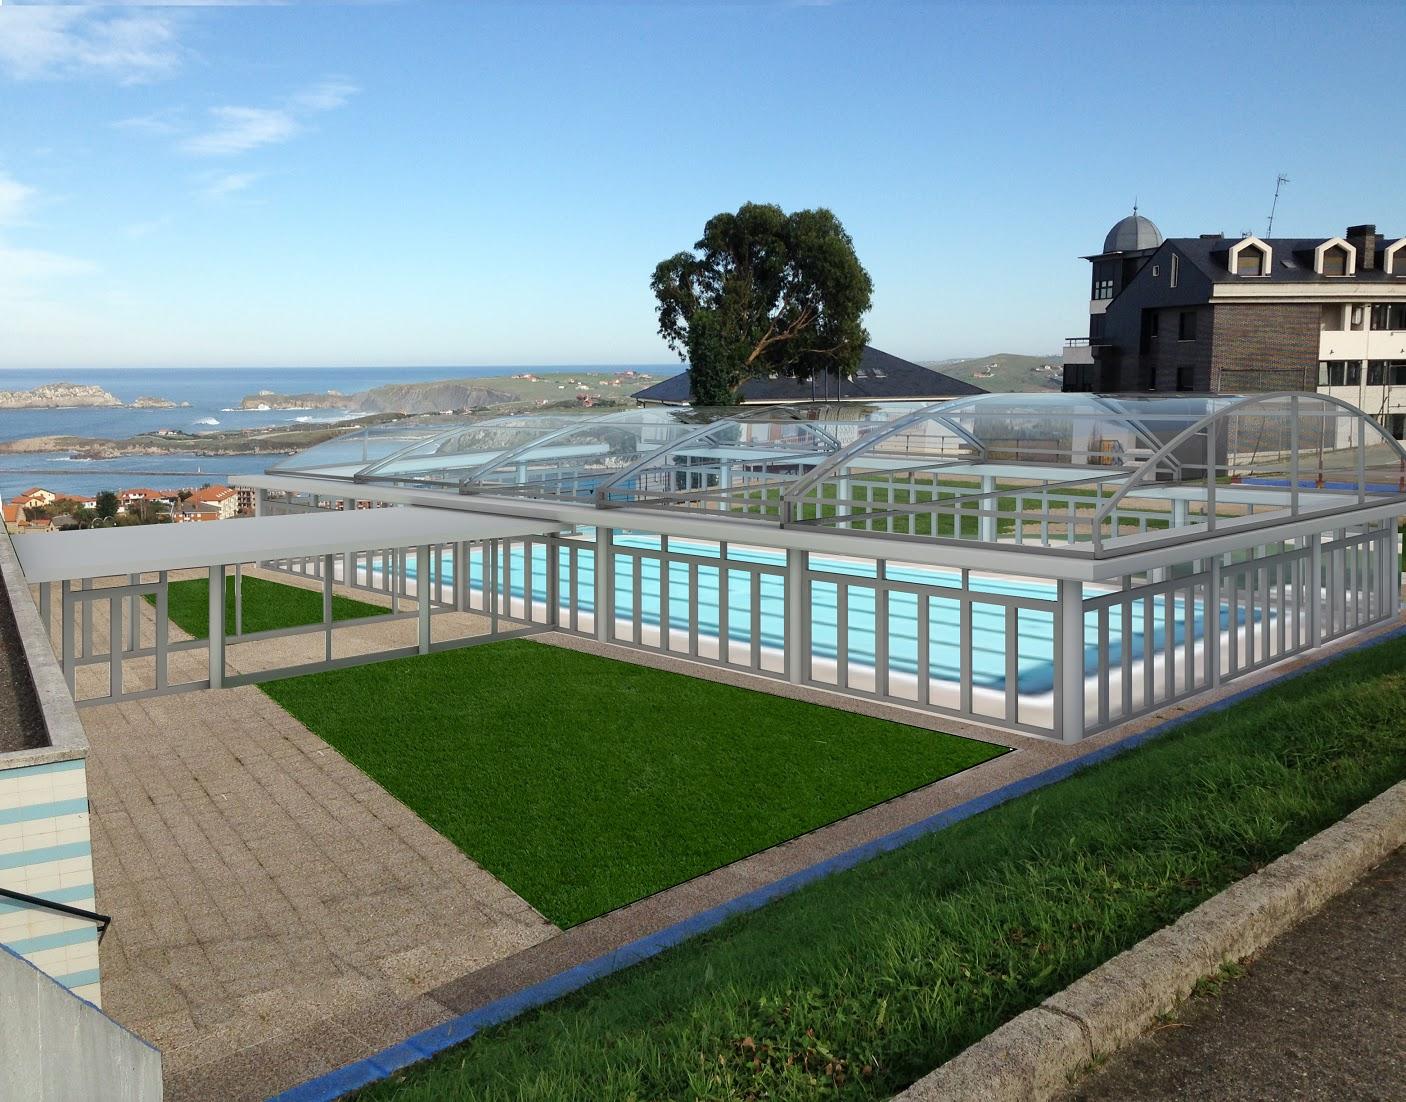 Torrelavega cruce de caminos suances el ayuntamiento for Climatizar piscina